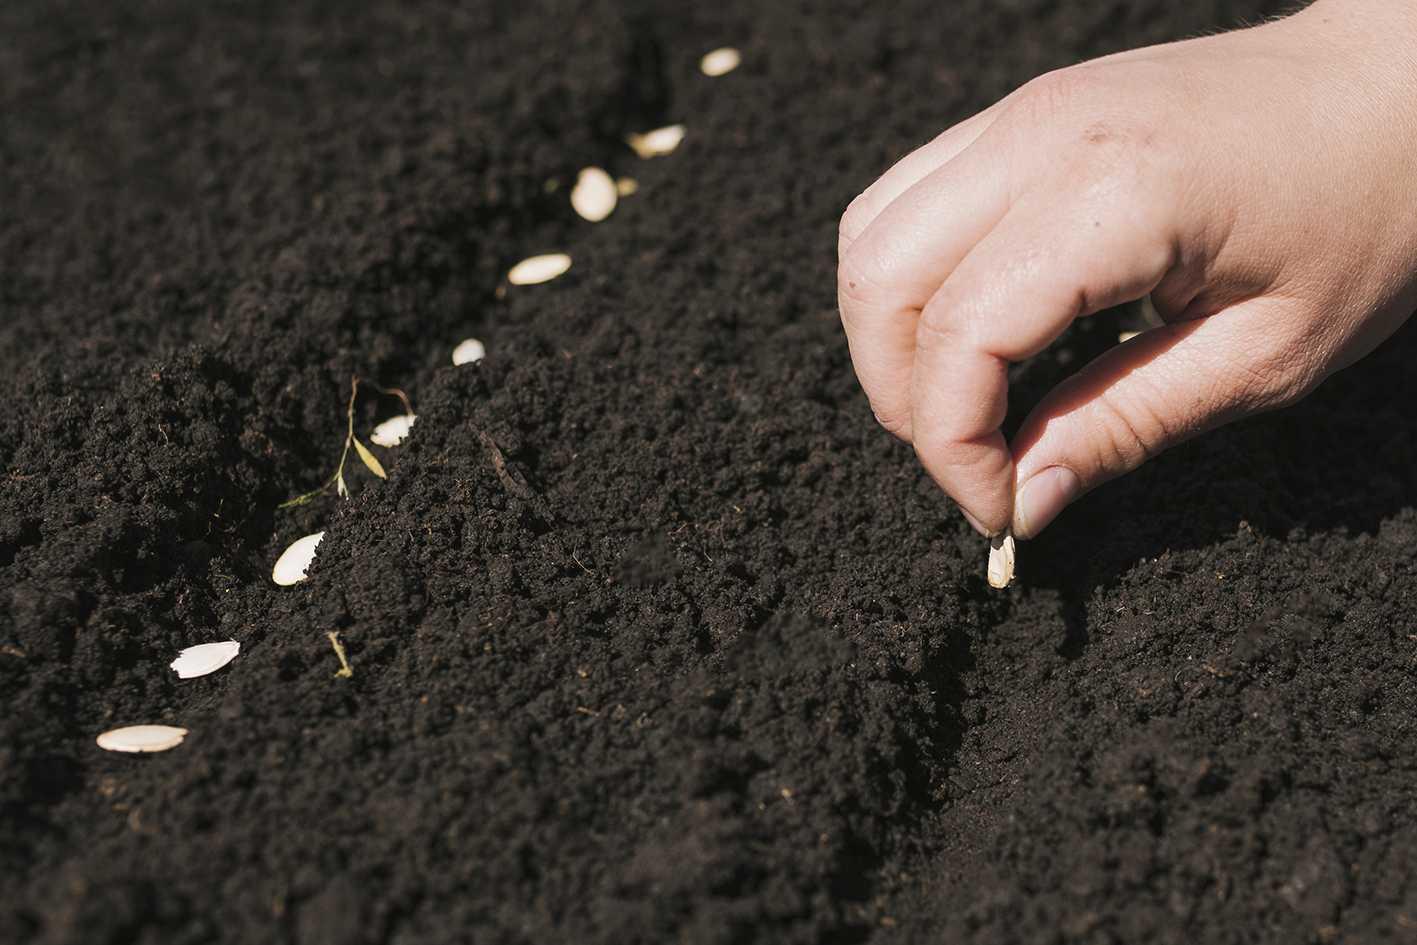 солнечная посадить семя картинка под рукой нет